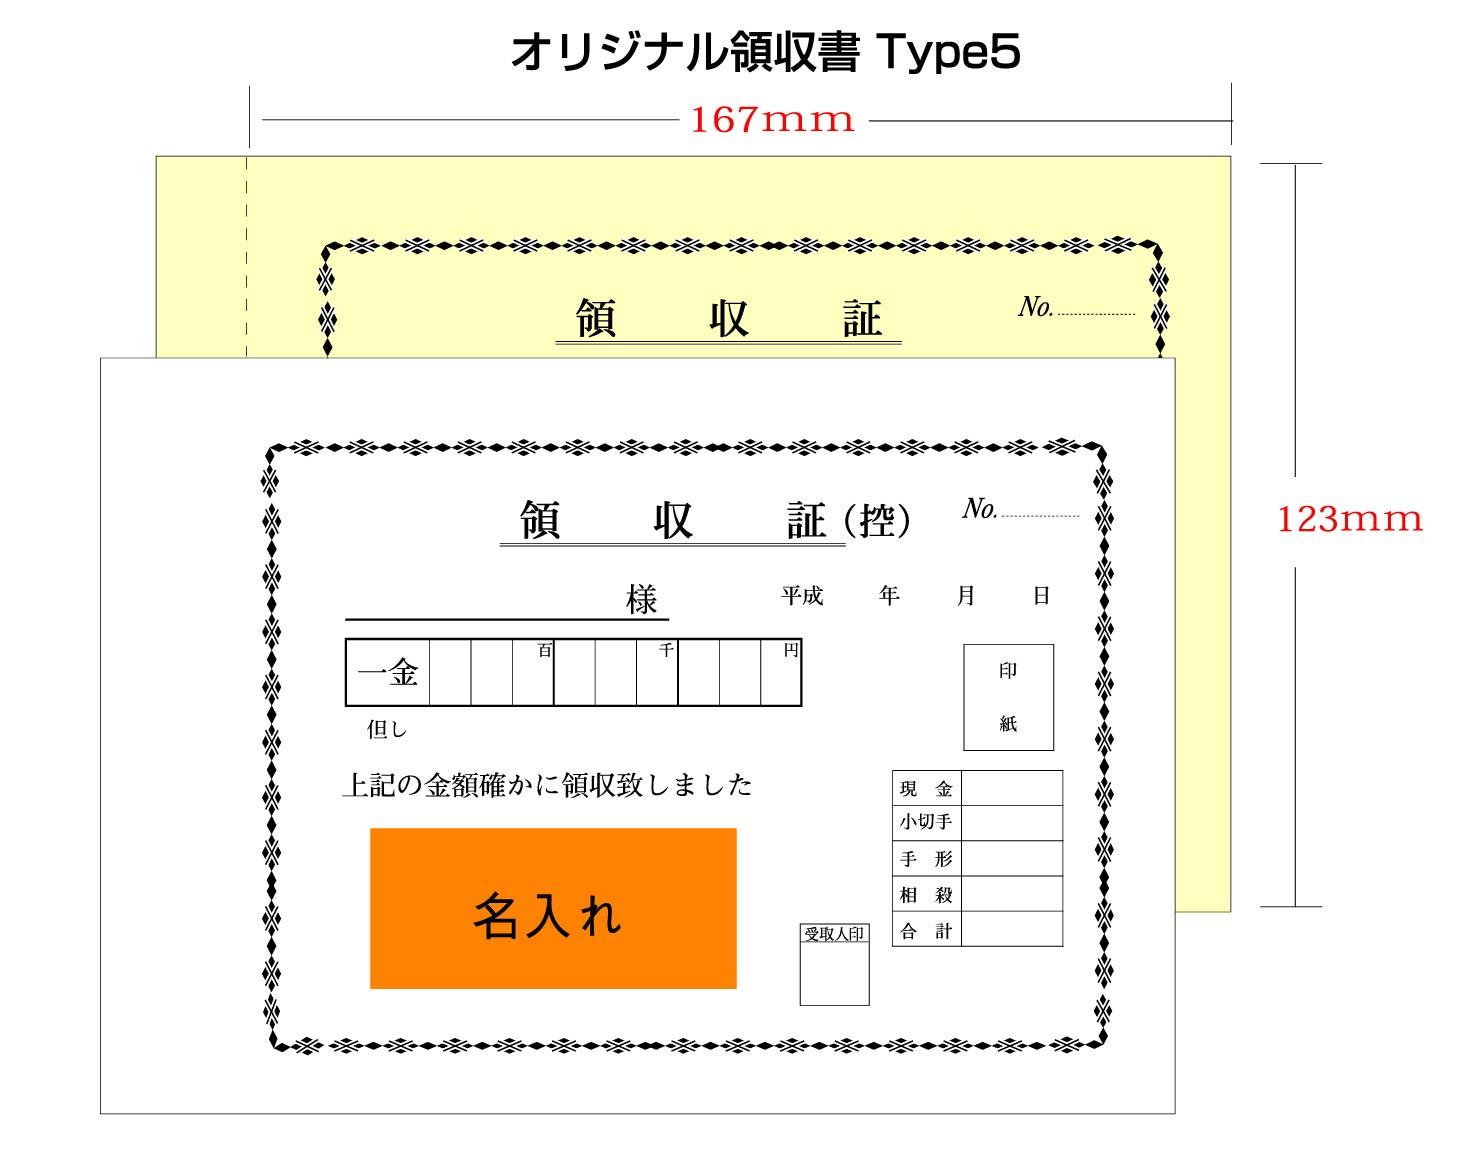 Type5